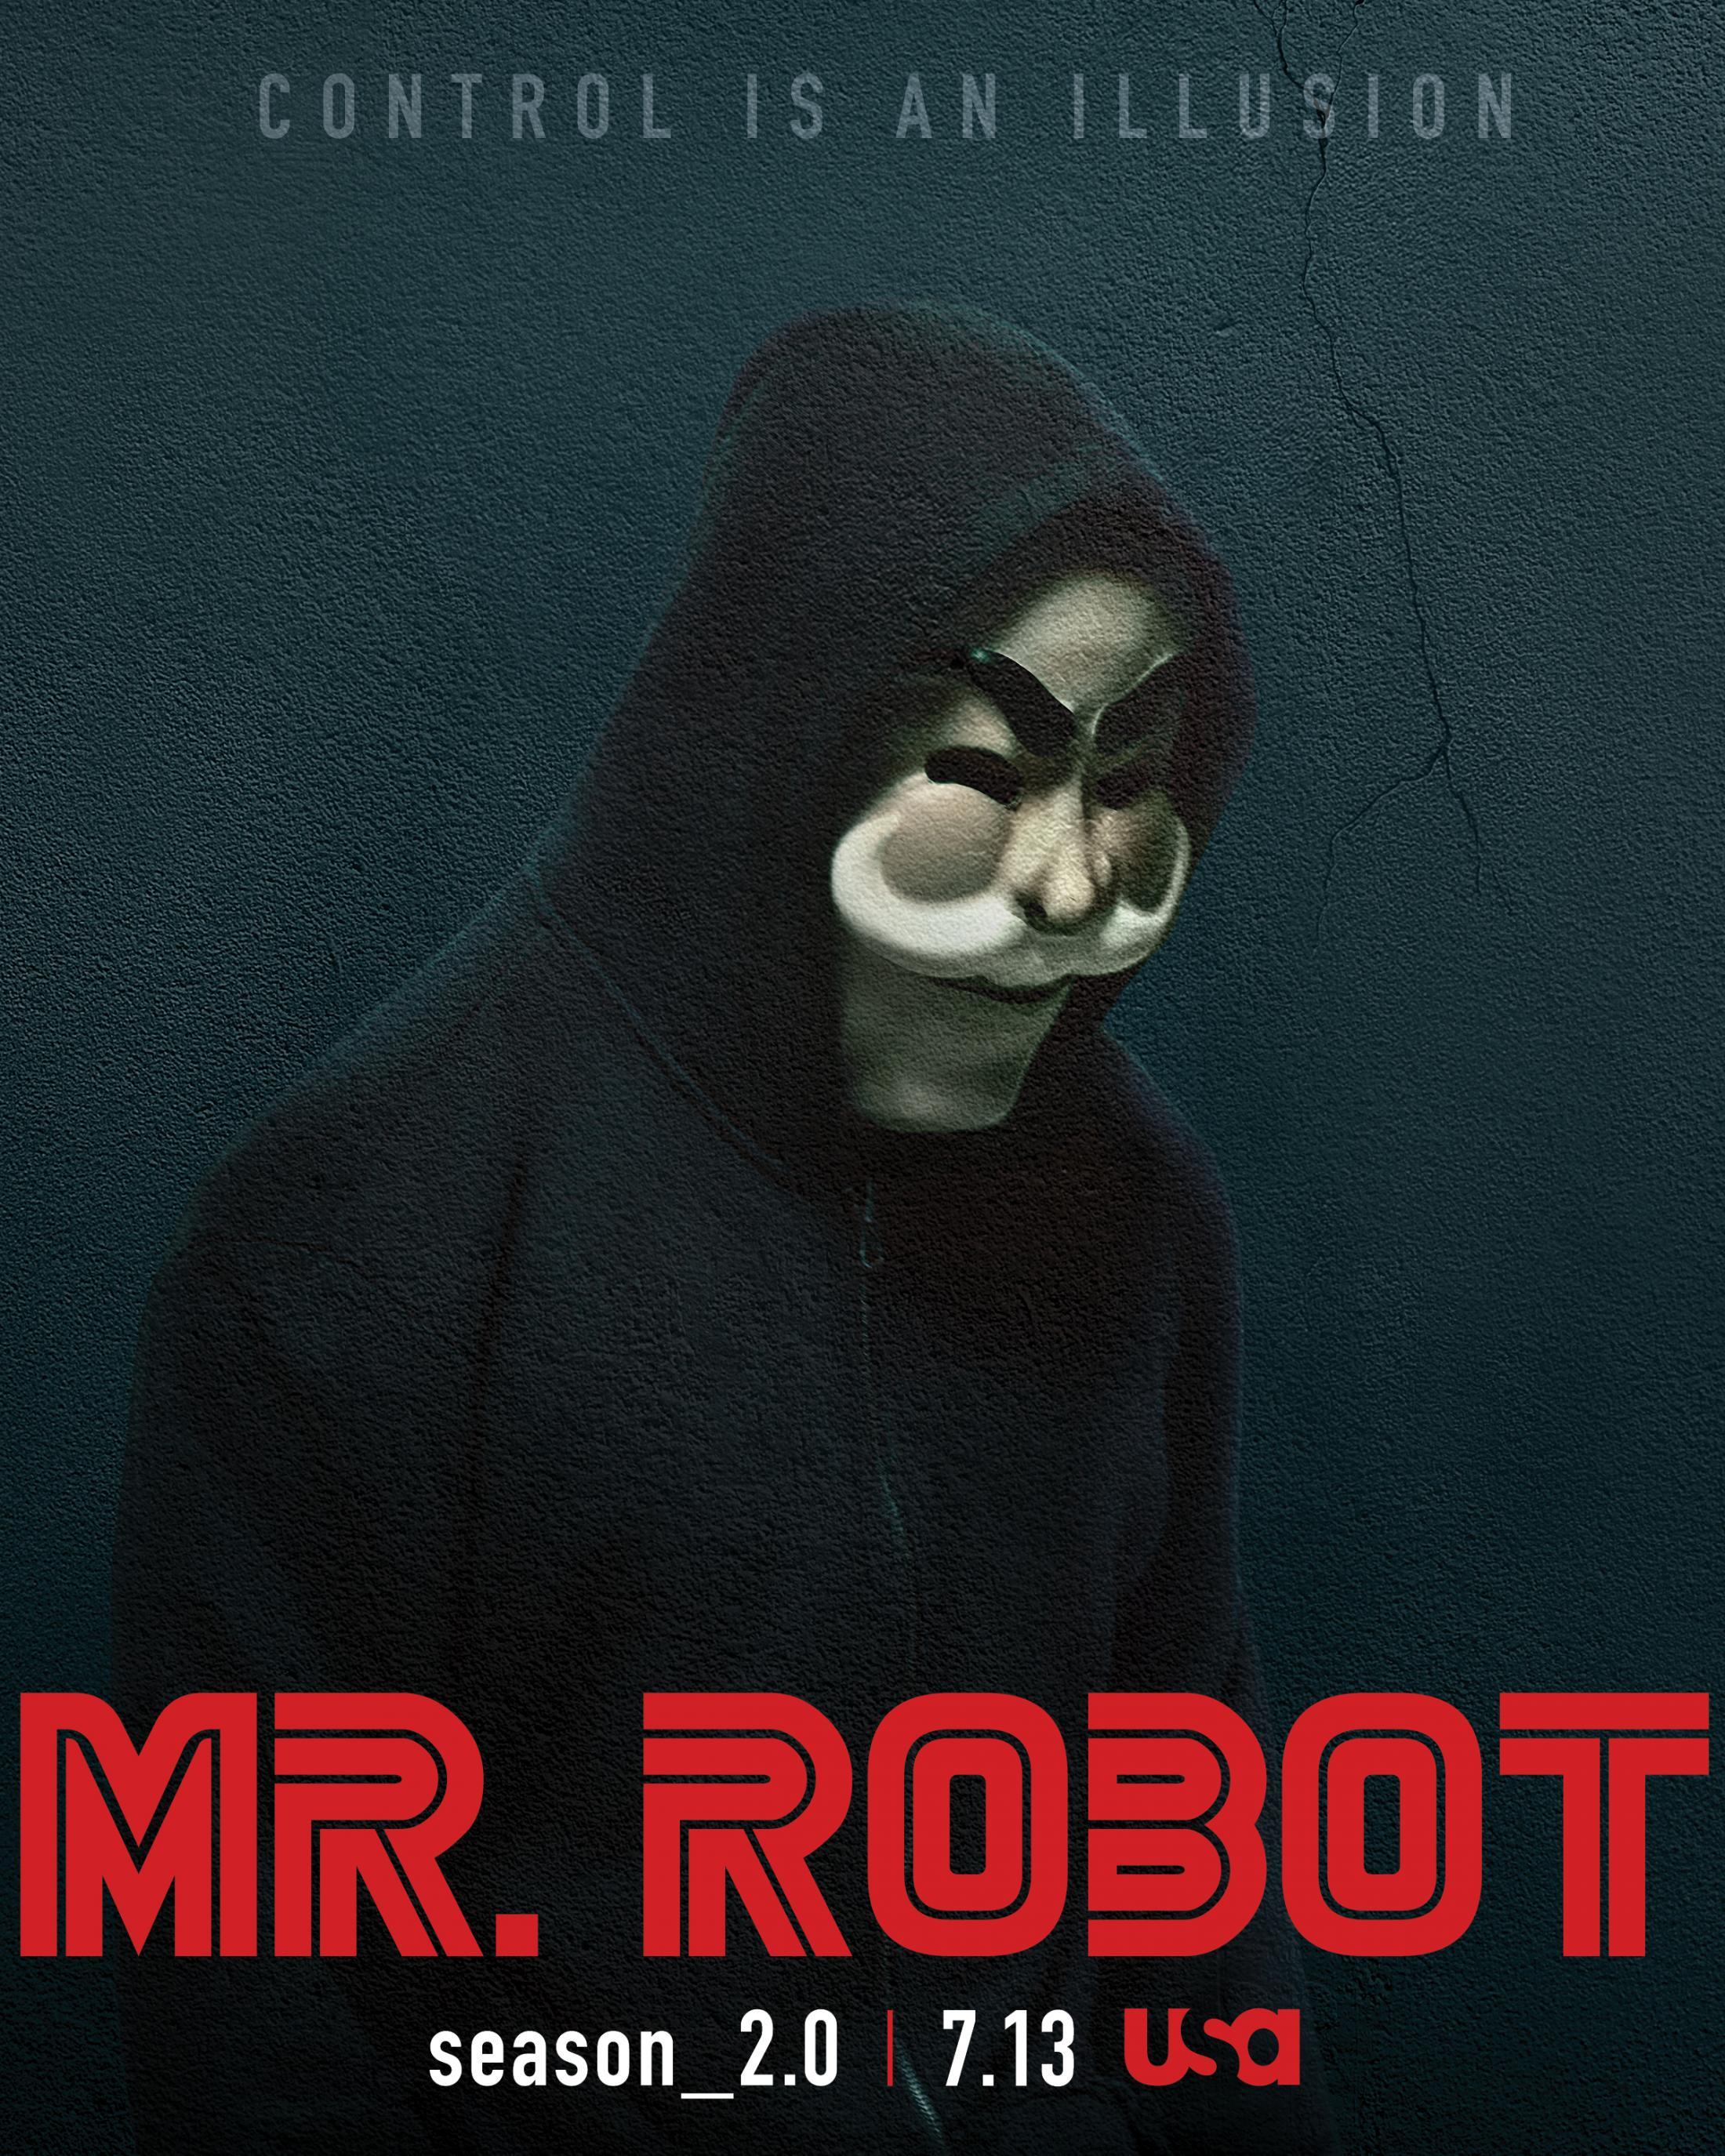 Thumbnail for Mr. Robot DEC0D3D 1 Hour Special